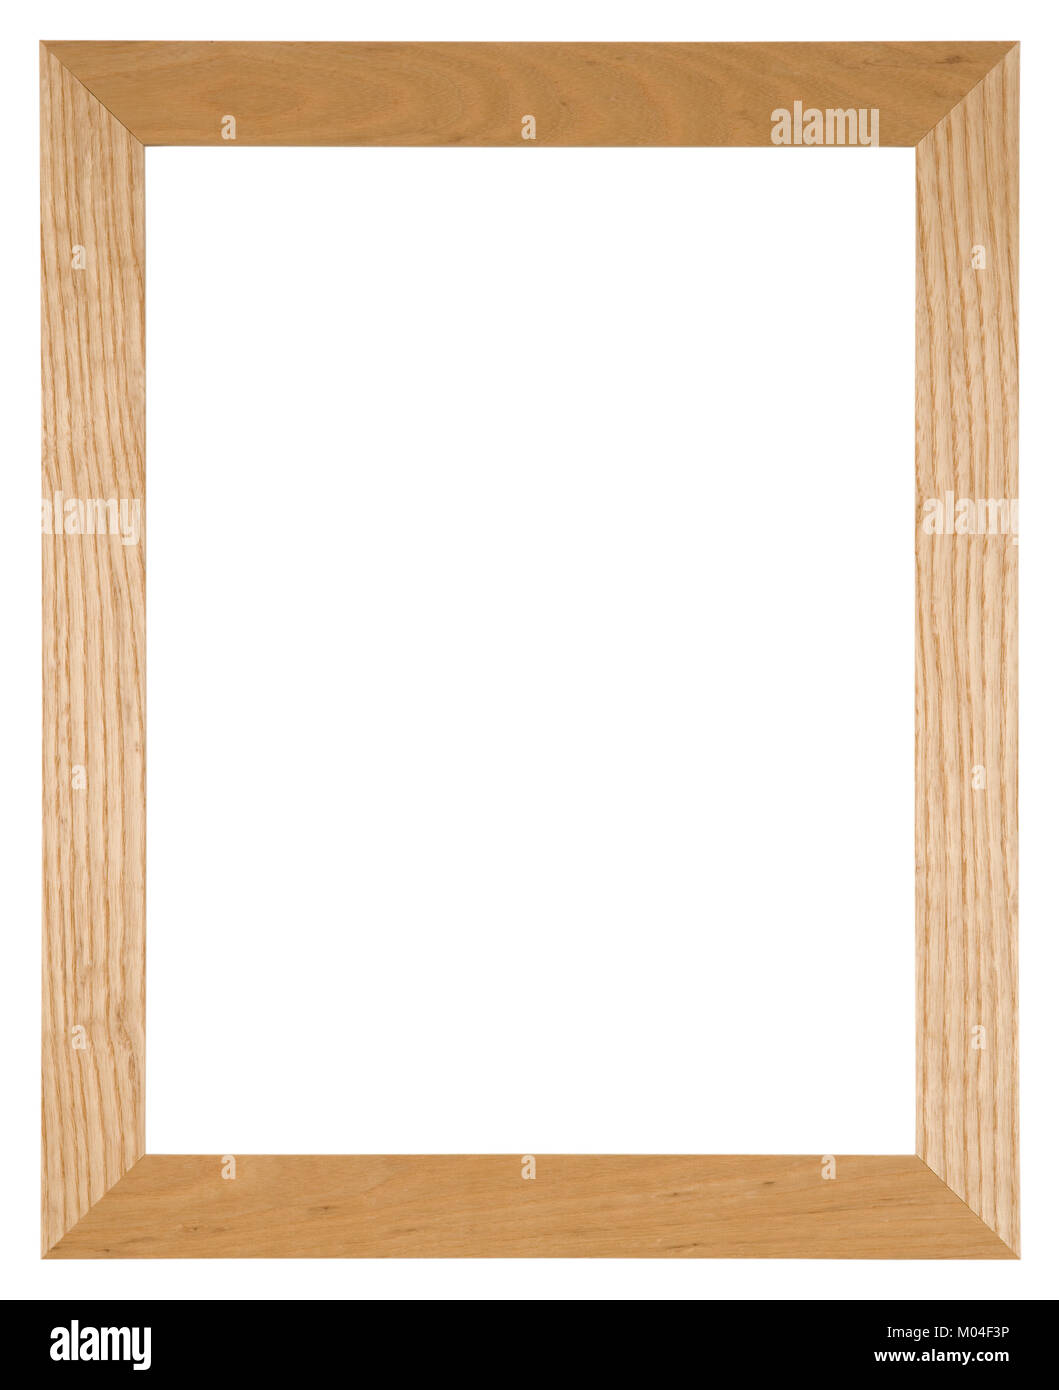 Marco de imagen vacío aislado en blanco en madera de roble de luz ...